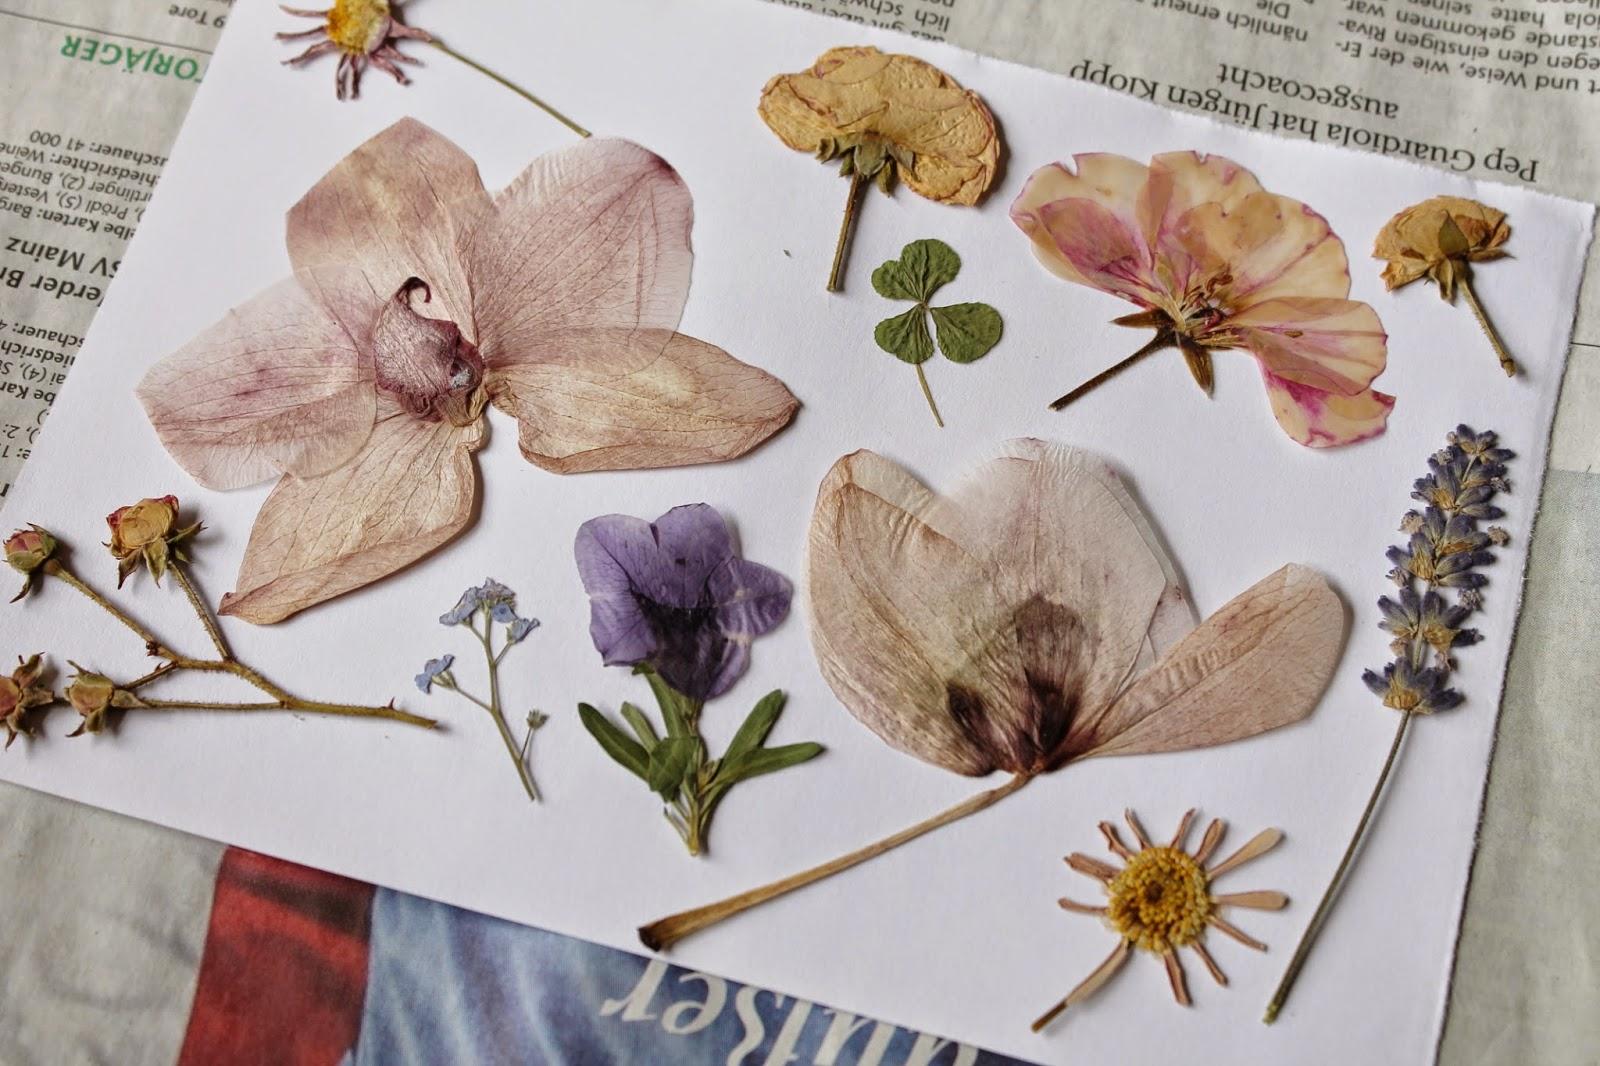 Bild aus gepressten Blüten